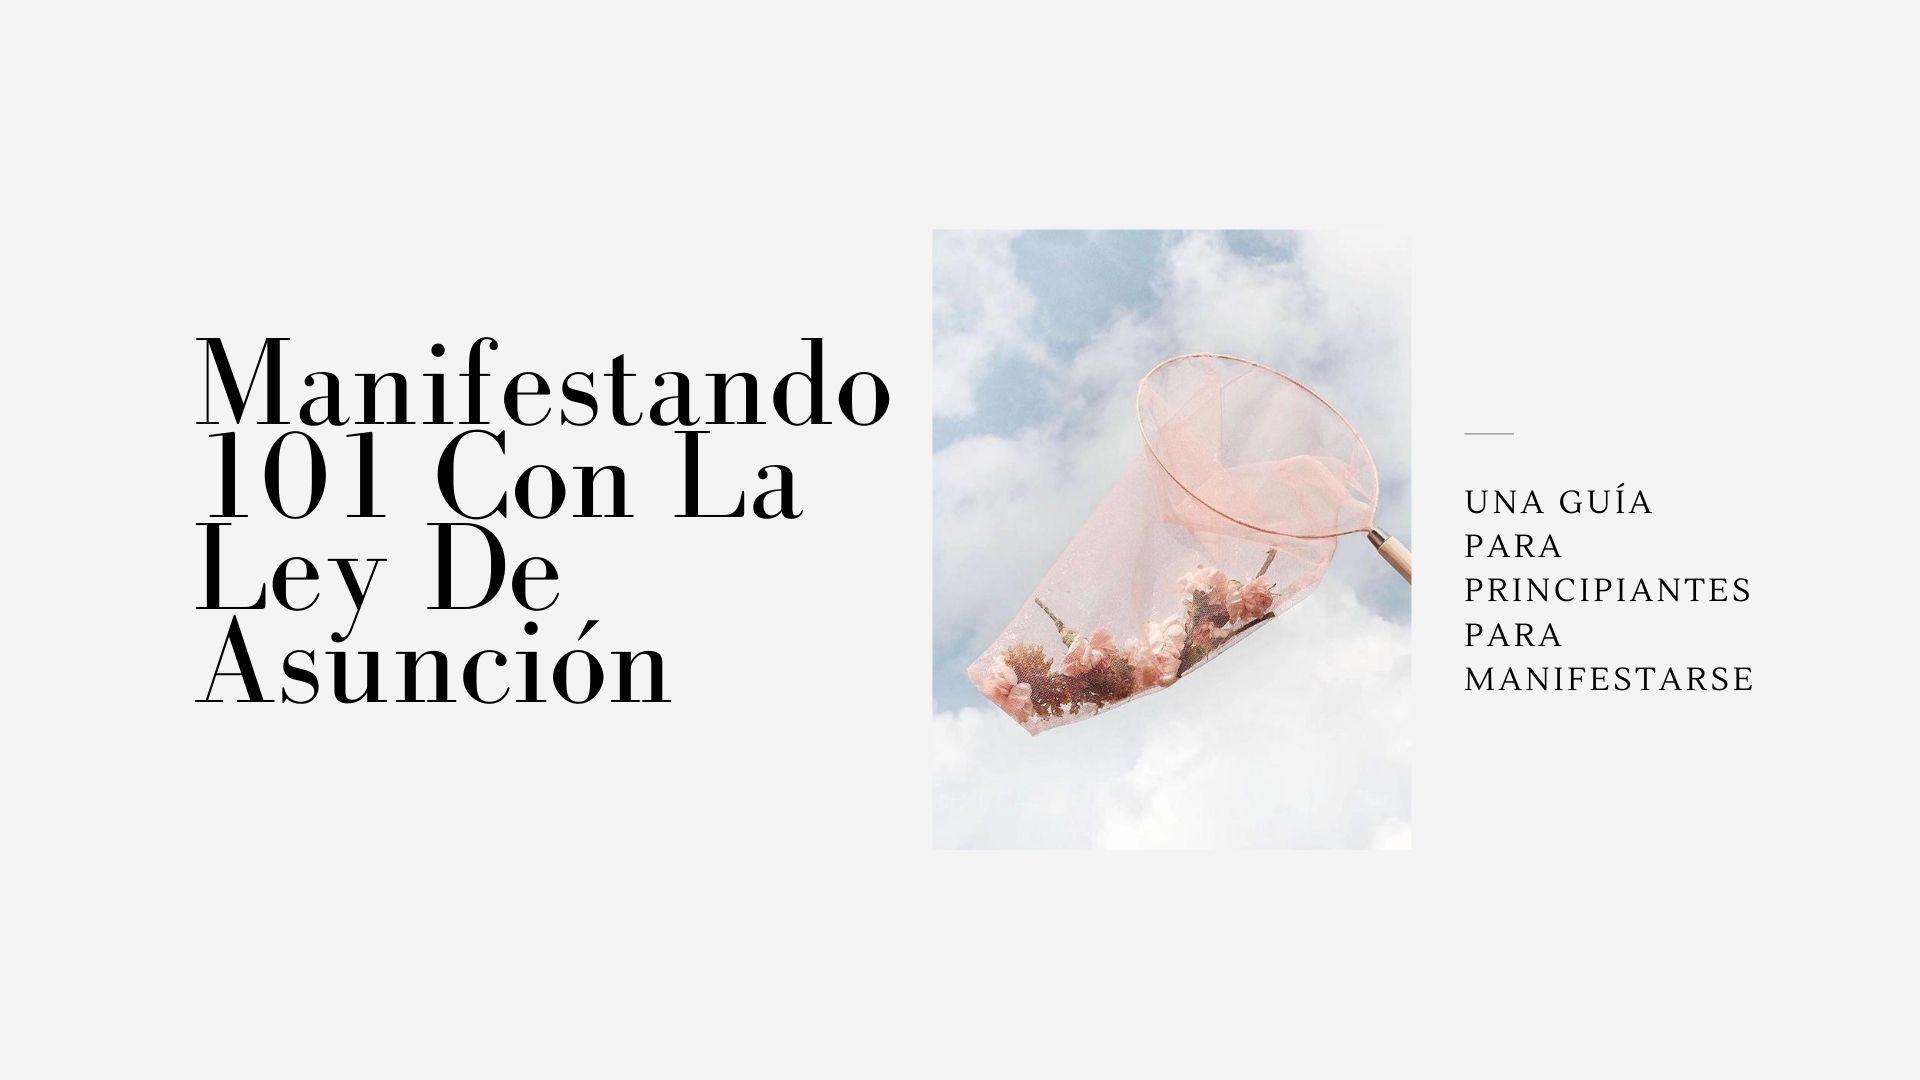 Manifestando 101 Con La Ley De Asunción